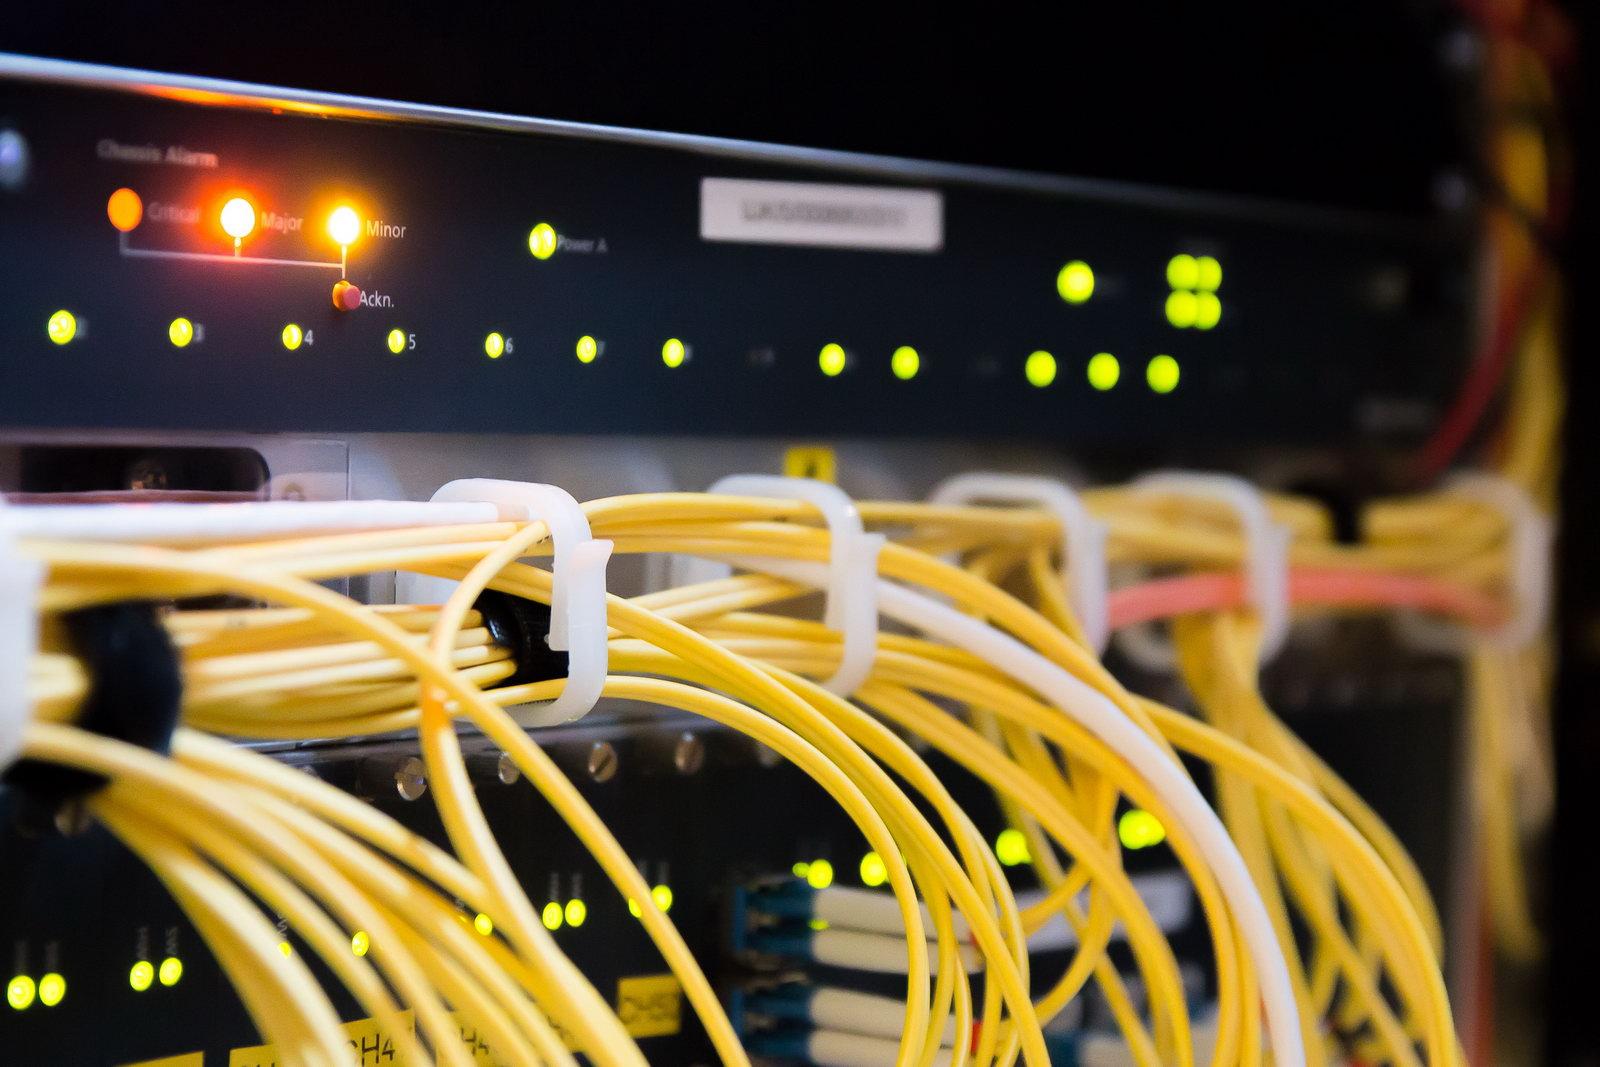 इन्टरनेट सेवाप्रदायक कम्पनीहरूबीच 'लफडा' - एकको कर्मचारीले अर्काको तार काटे